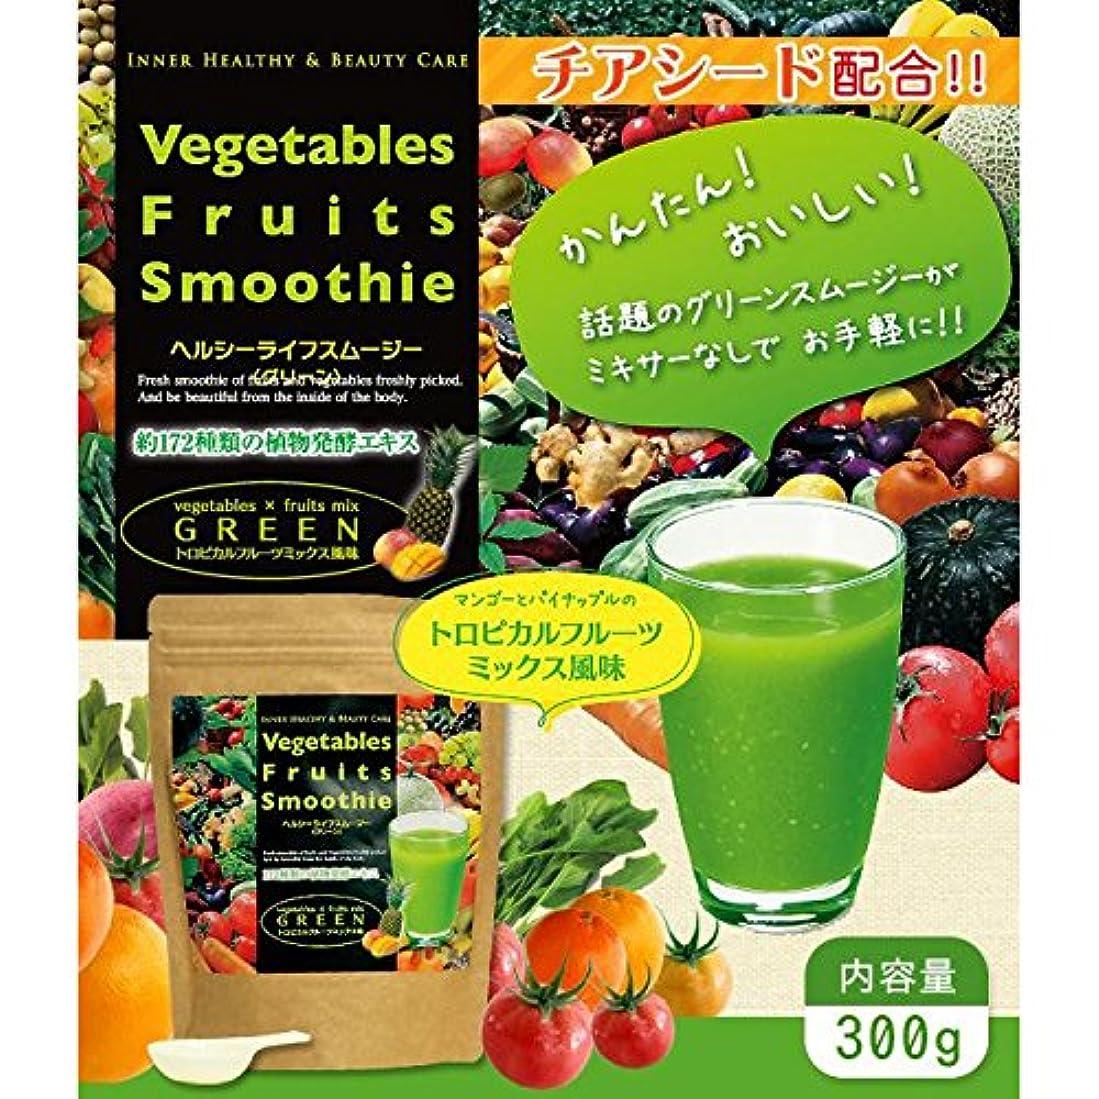 豚親規制Vegetables Fruits Smoothie ヘルシーライフスムージー(グリーン)トロピカルフルーツミックス味 300g 日本製